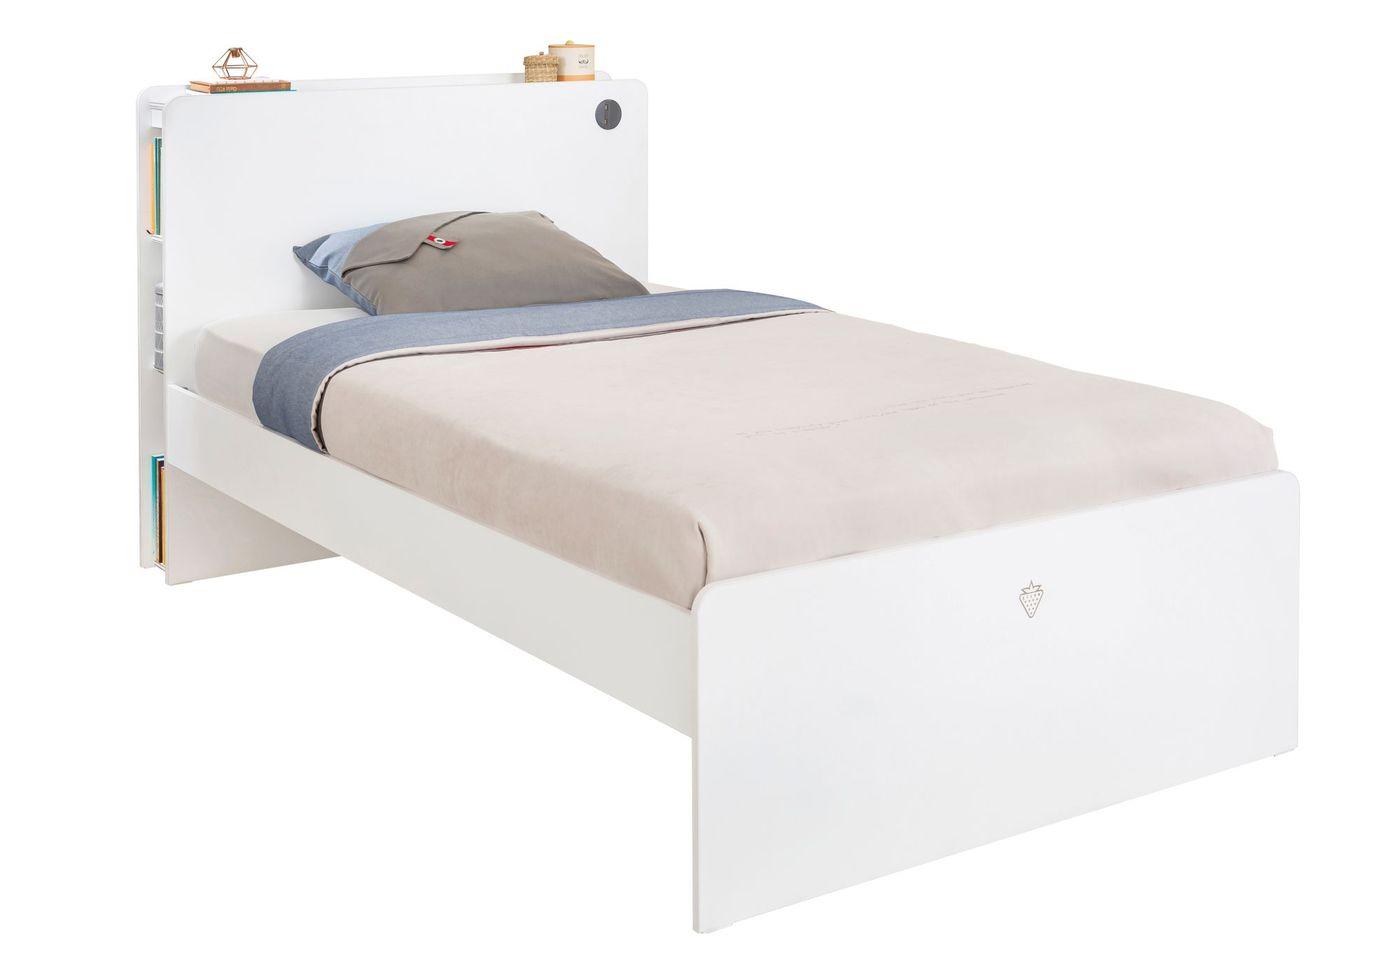 Full Size of 120 Bett Komfort Cilek White 120x200cm Esstisch 120x80 Weiß 100x200 80x200 180x200 Bettkasten Kopfteil Selber Machen 120x200 Mit Nussbaum Rückenlehne Bett 120 Bett